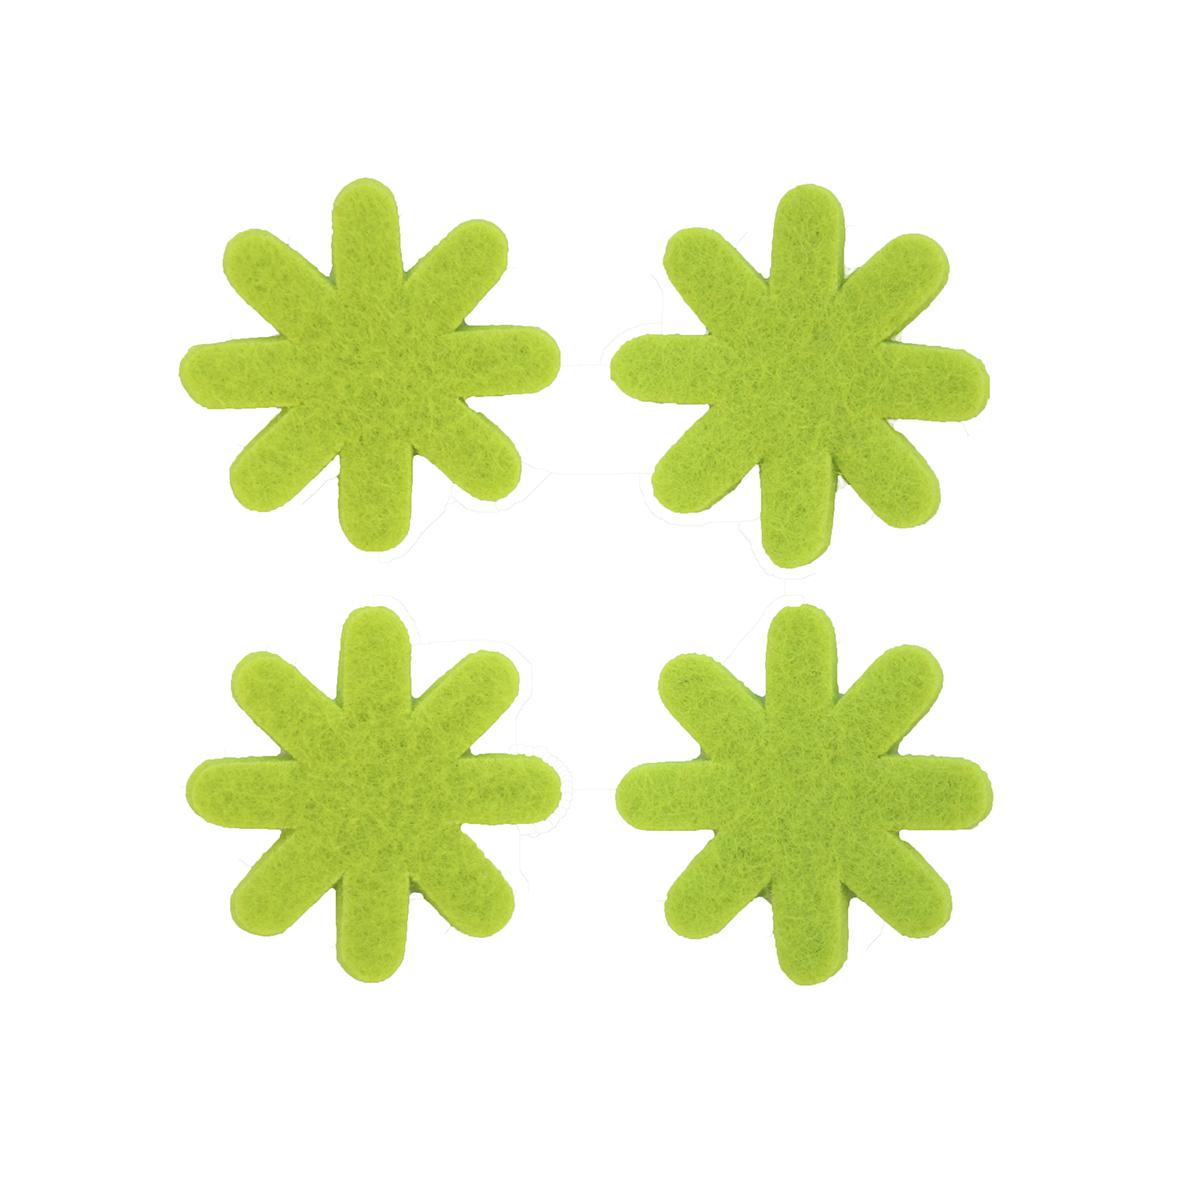 Цветок из фетра Glorex, цвет: светло-зеленый, 3 см, 12 шт97775318Фетр пользуется большой популярностью среди рукодельниц. Его любят за эстетичный вид, практичность и отличную текстуру. Из данного материала вашему вниманию предлагаются заготовки Glorex. Широкое разнообразие цветов и форм поможет реализовать творческие задумки и гармоничным образом дополнить ваше творение. Из фетра можно создавать обложки для книг, ежедневников, игрушки, декоративные чехлы для подушек и многое, многое другое.